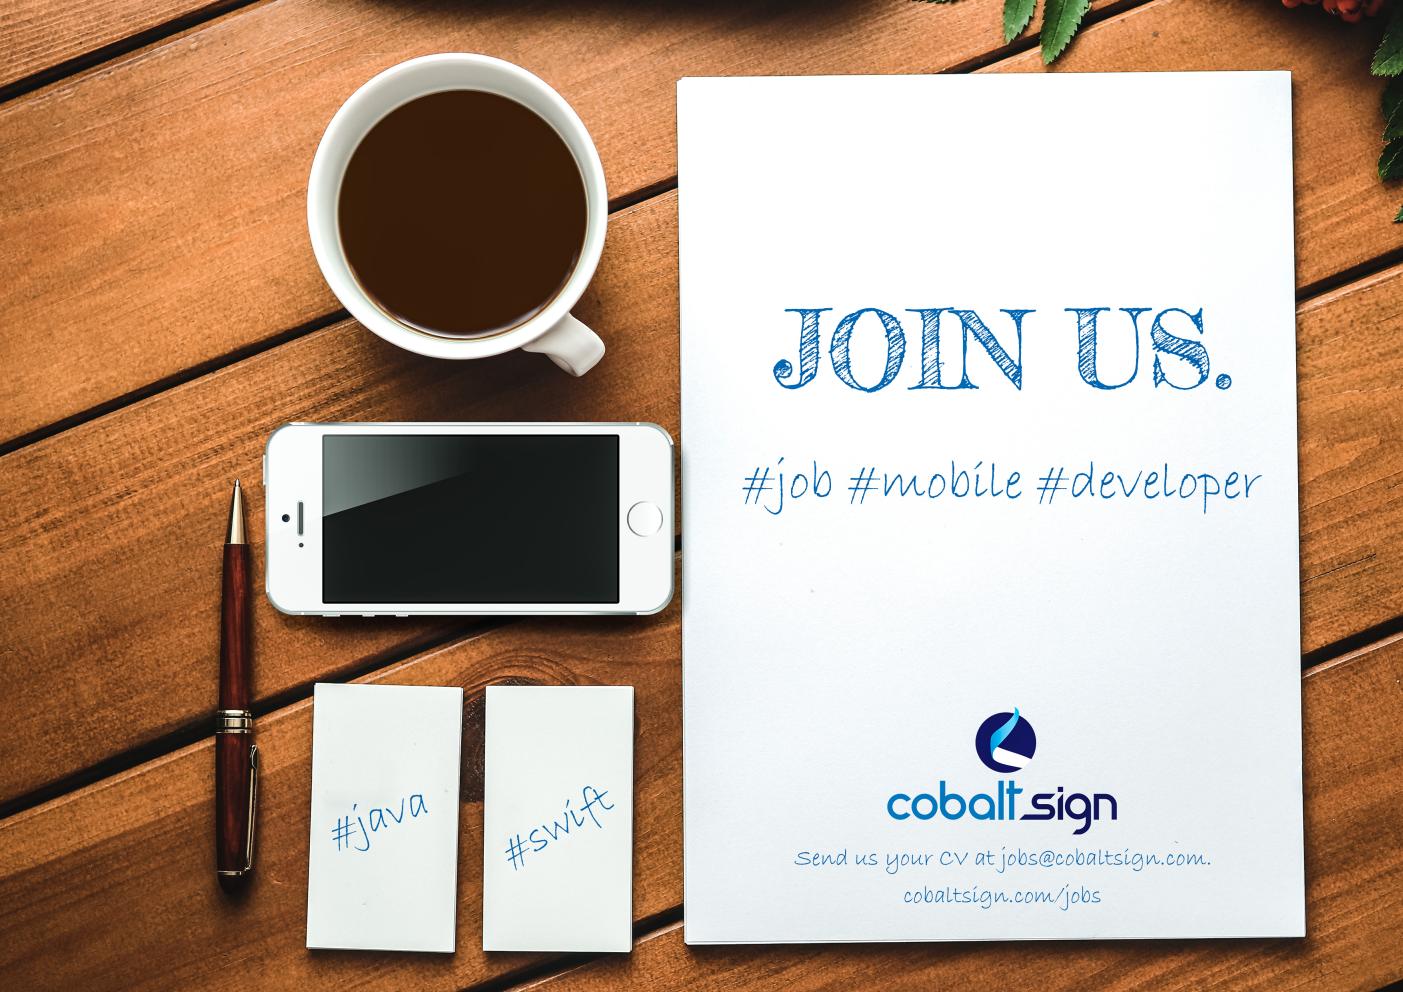 Join our team! #junior #mobile #developer